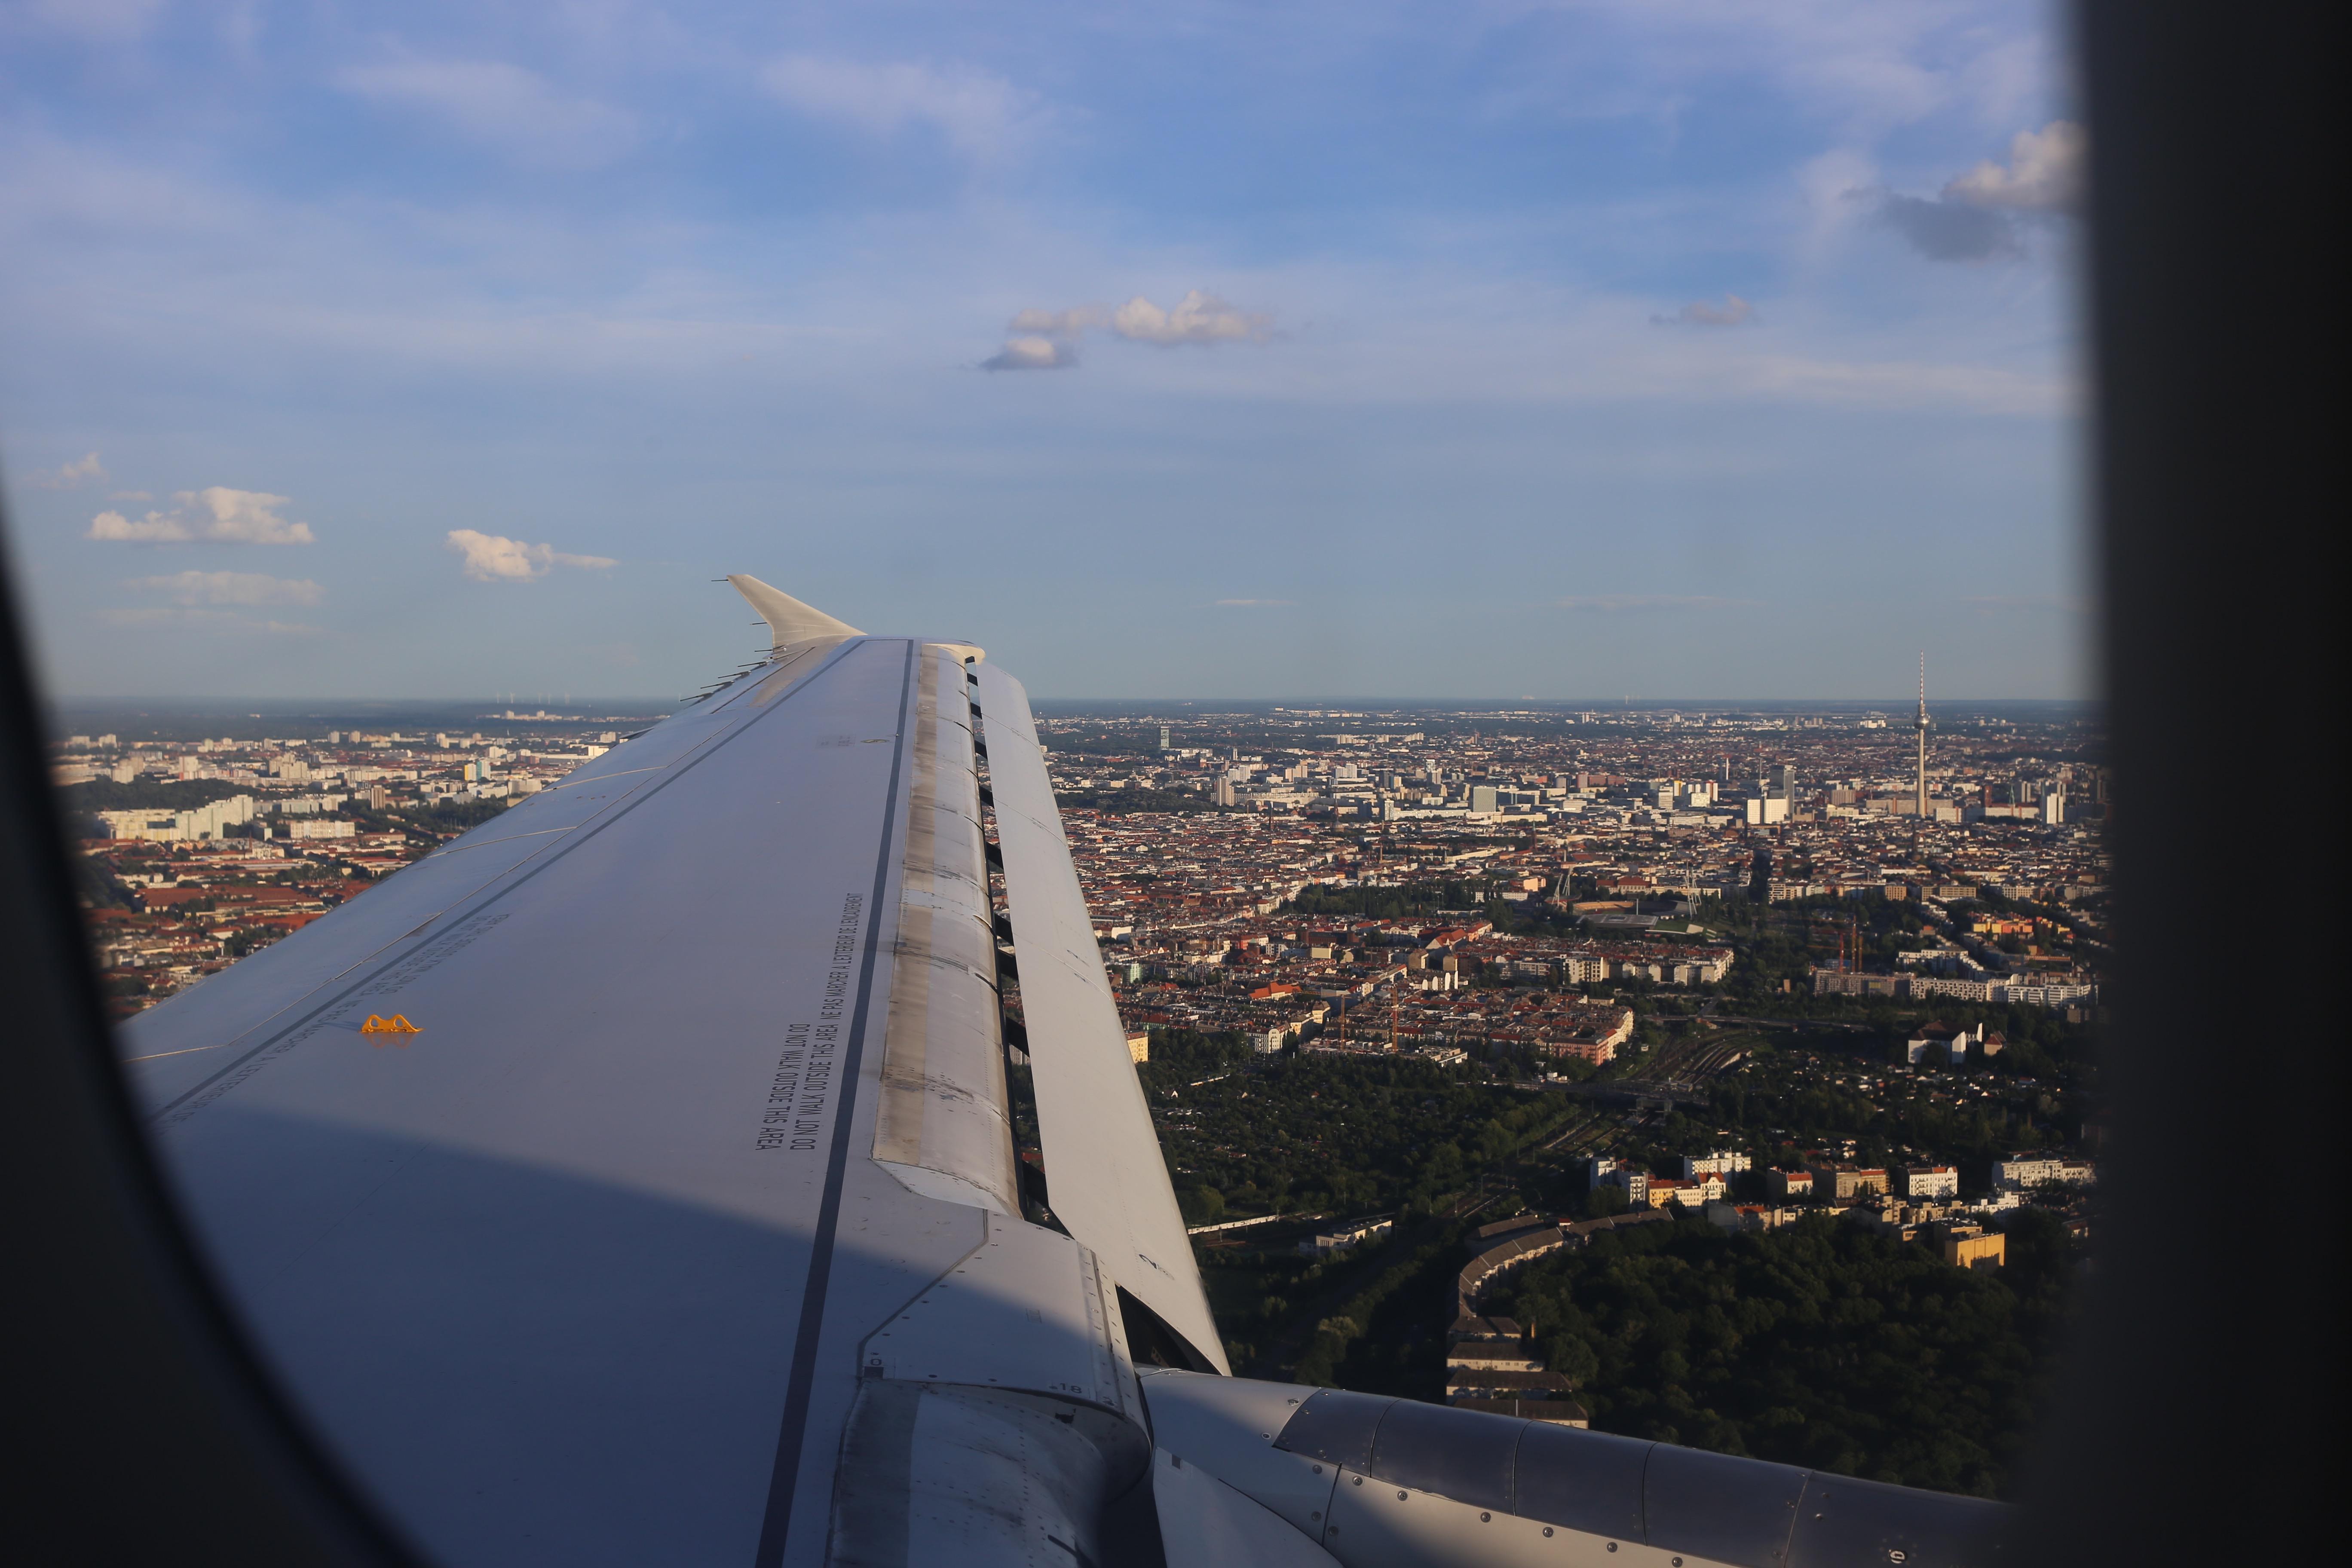 wochenende-in-paris-reiseblogger-tipps-reiseübelkeit-reisen-frankreich-flugzeug